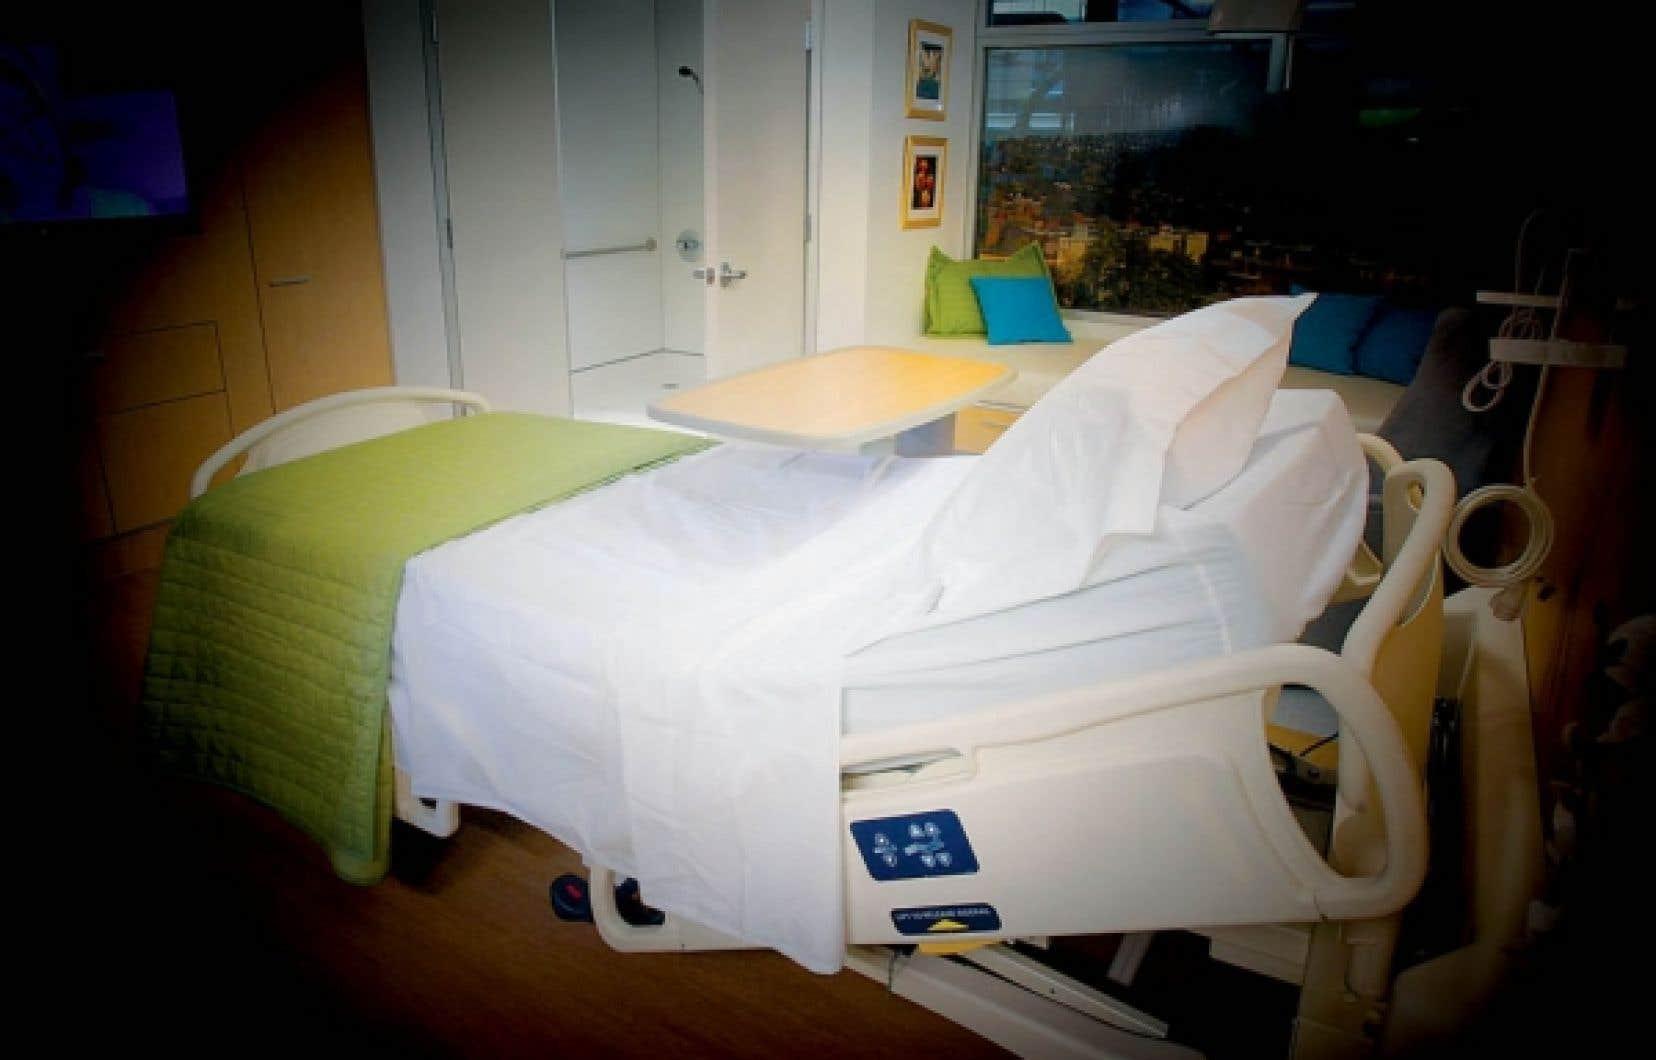 La morphine prolonge la vie: c'est la douleur et le stress qui tuent, pas le confort. La morphine, comme chaque médicament, a pourtant ses effets secondaires et peut tuer si elle est administrée de façon grossièrement inadéquate.